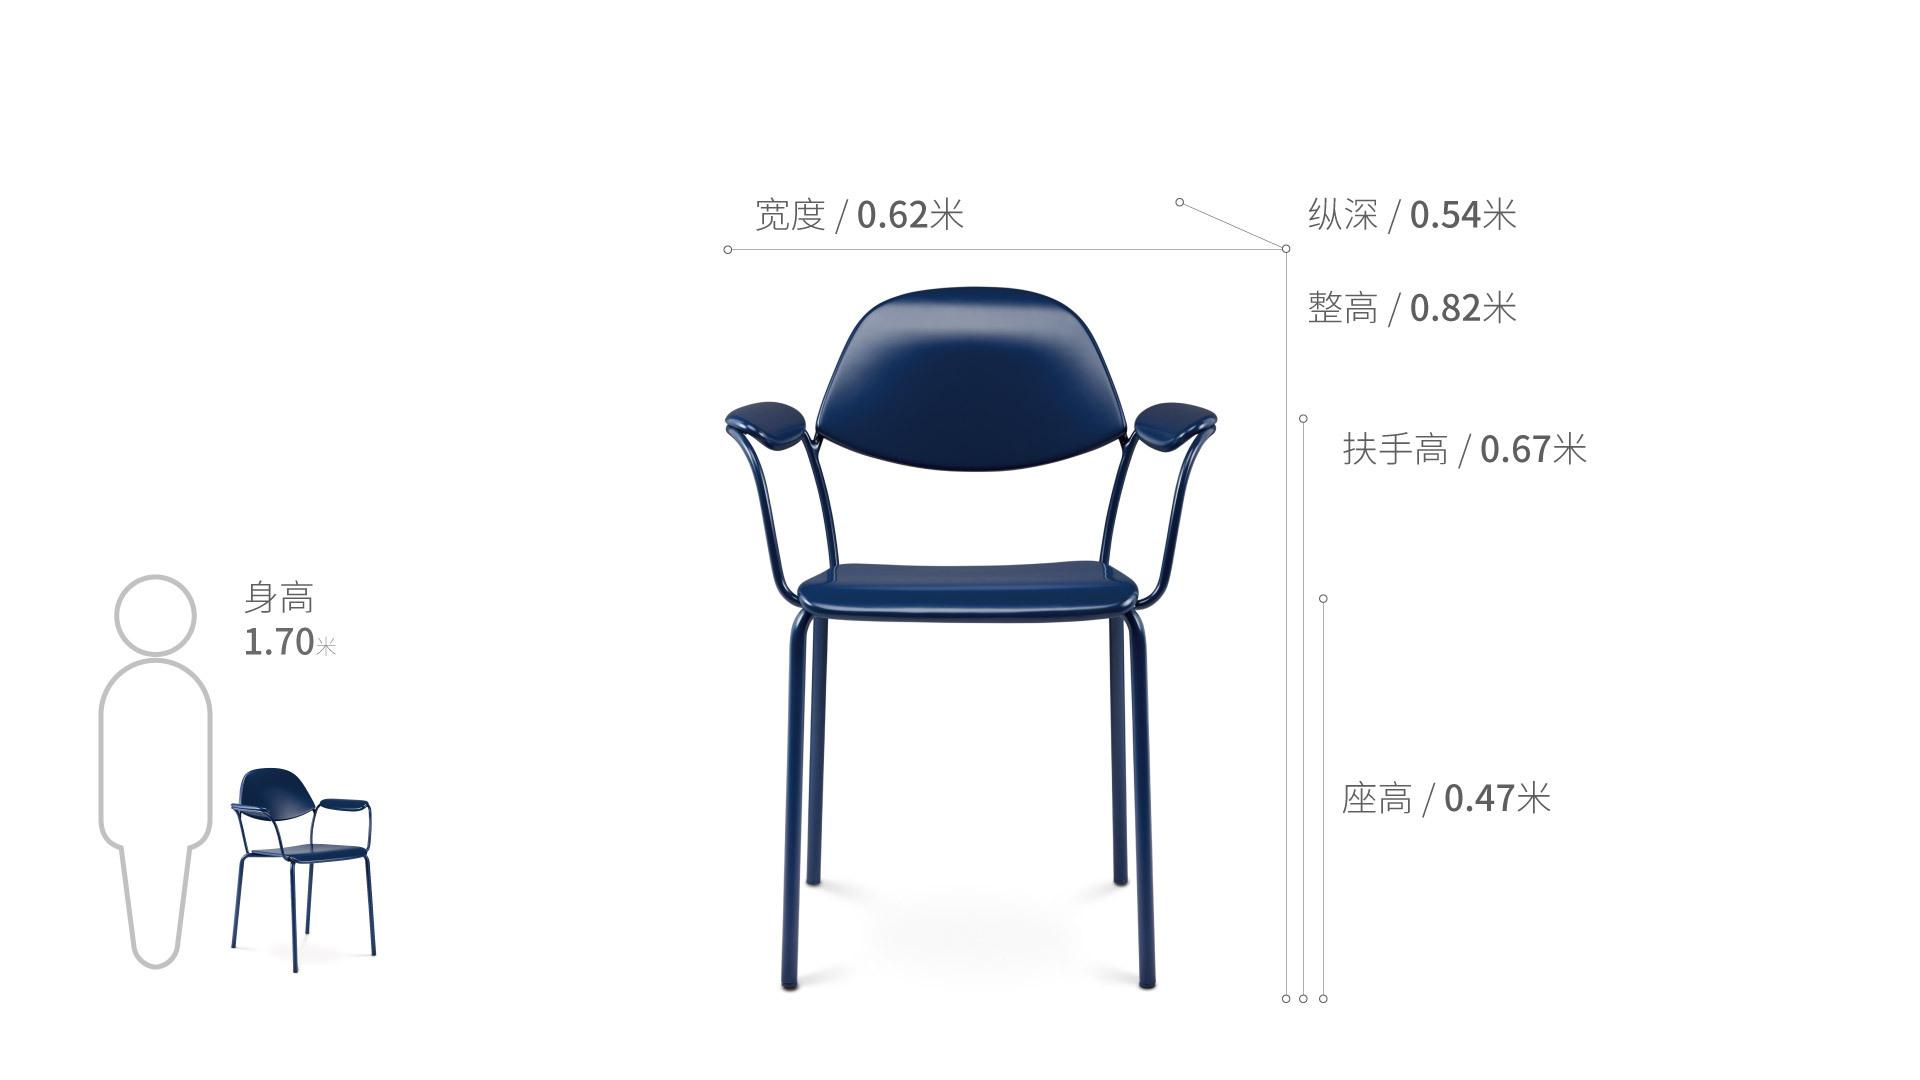 造作百合椅®椅凳效果图